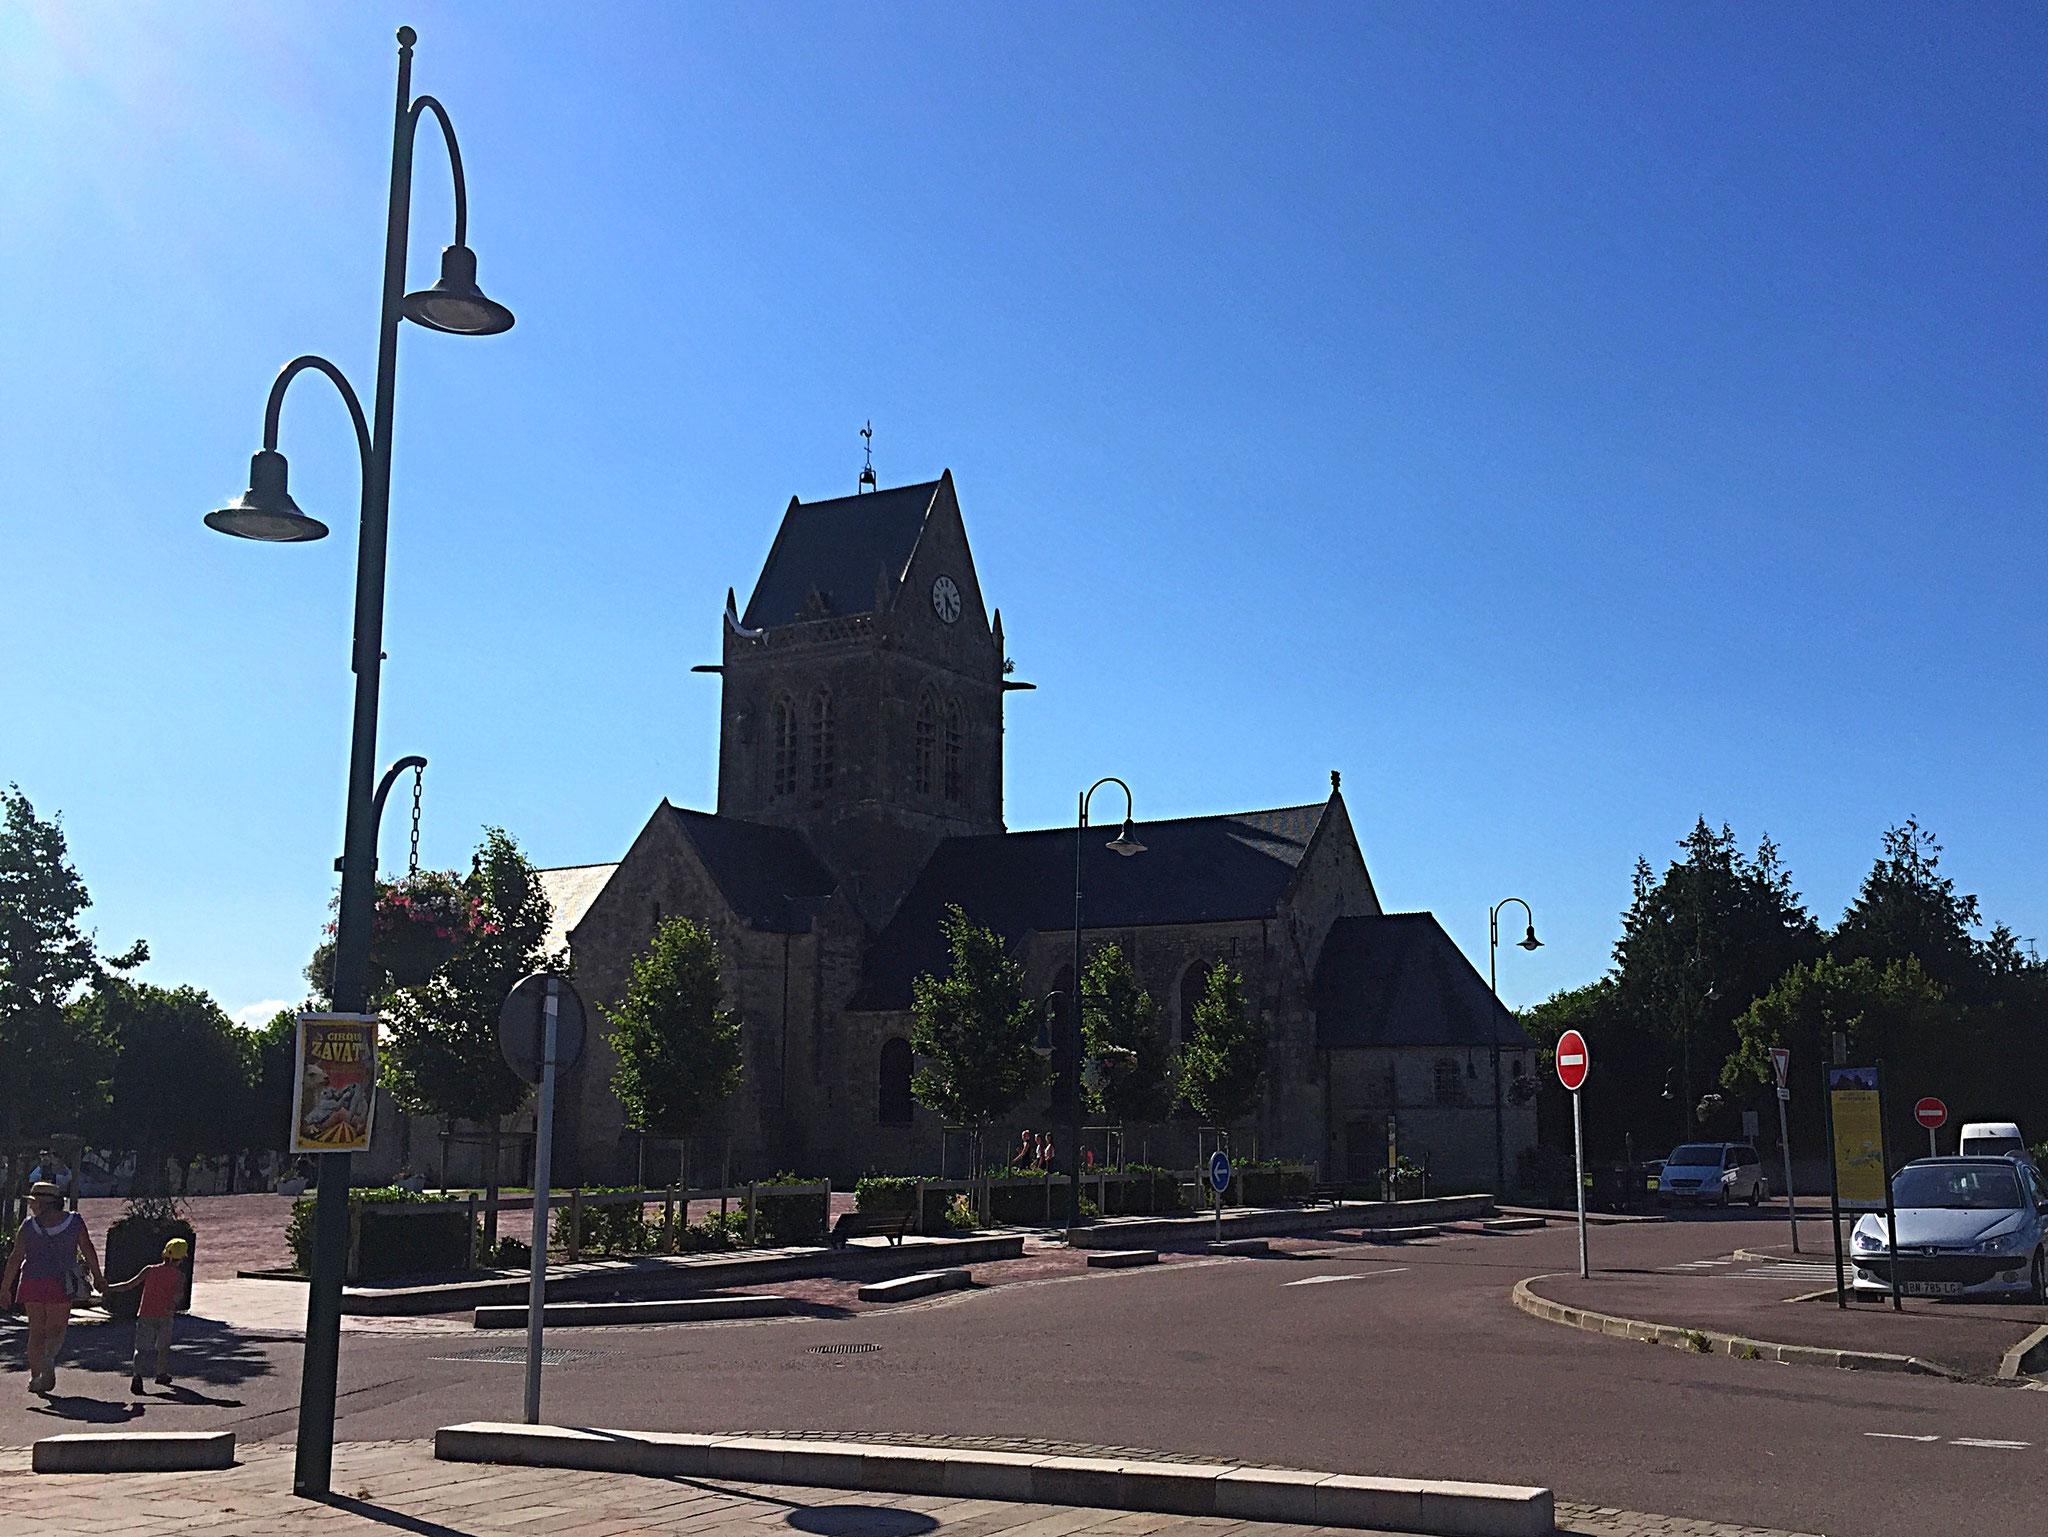 An der berühmten Kirche von Ste-Mere-Eglise hängt bis heute ein Fallschirm-Tuch... auch wenn die Geschichte dazu laut Geschichtsbuch eine Legende ist.